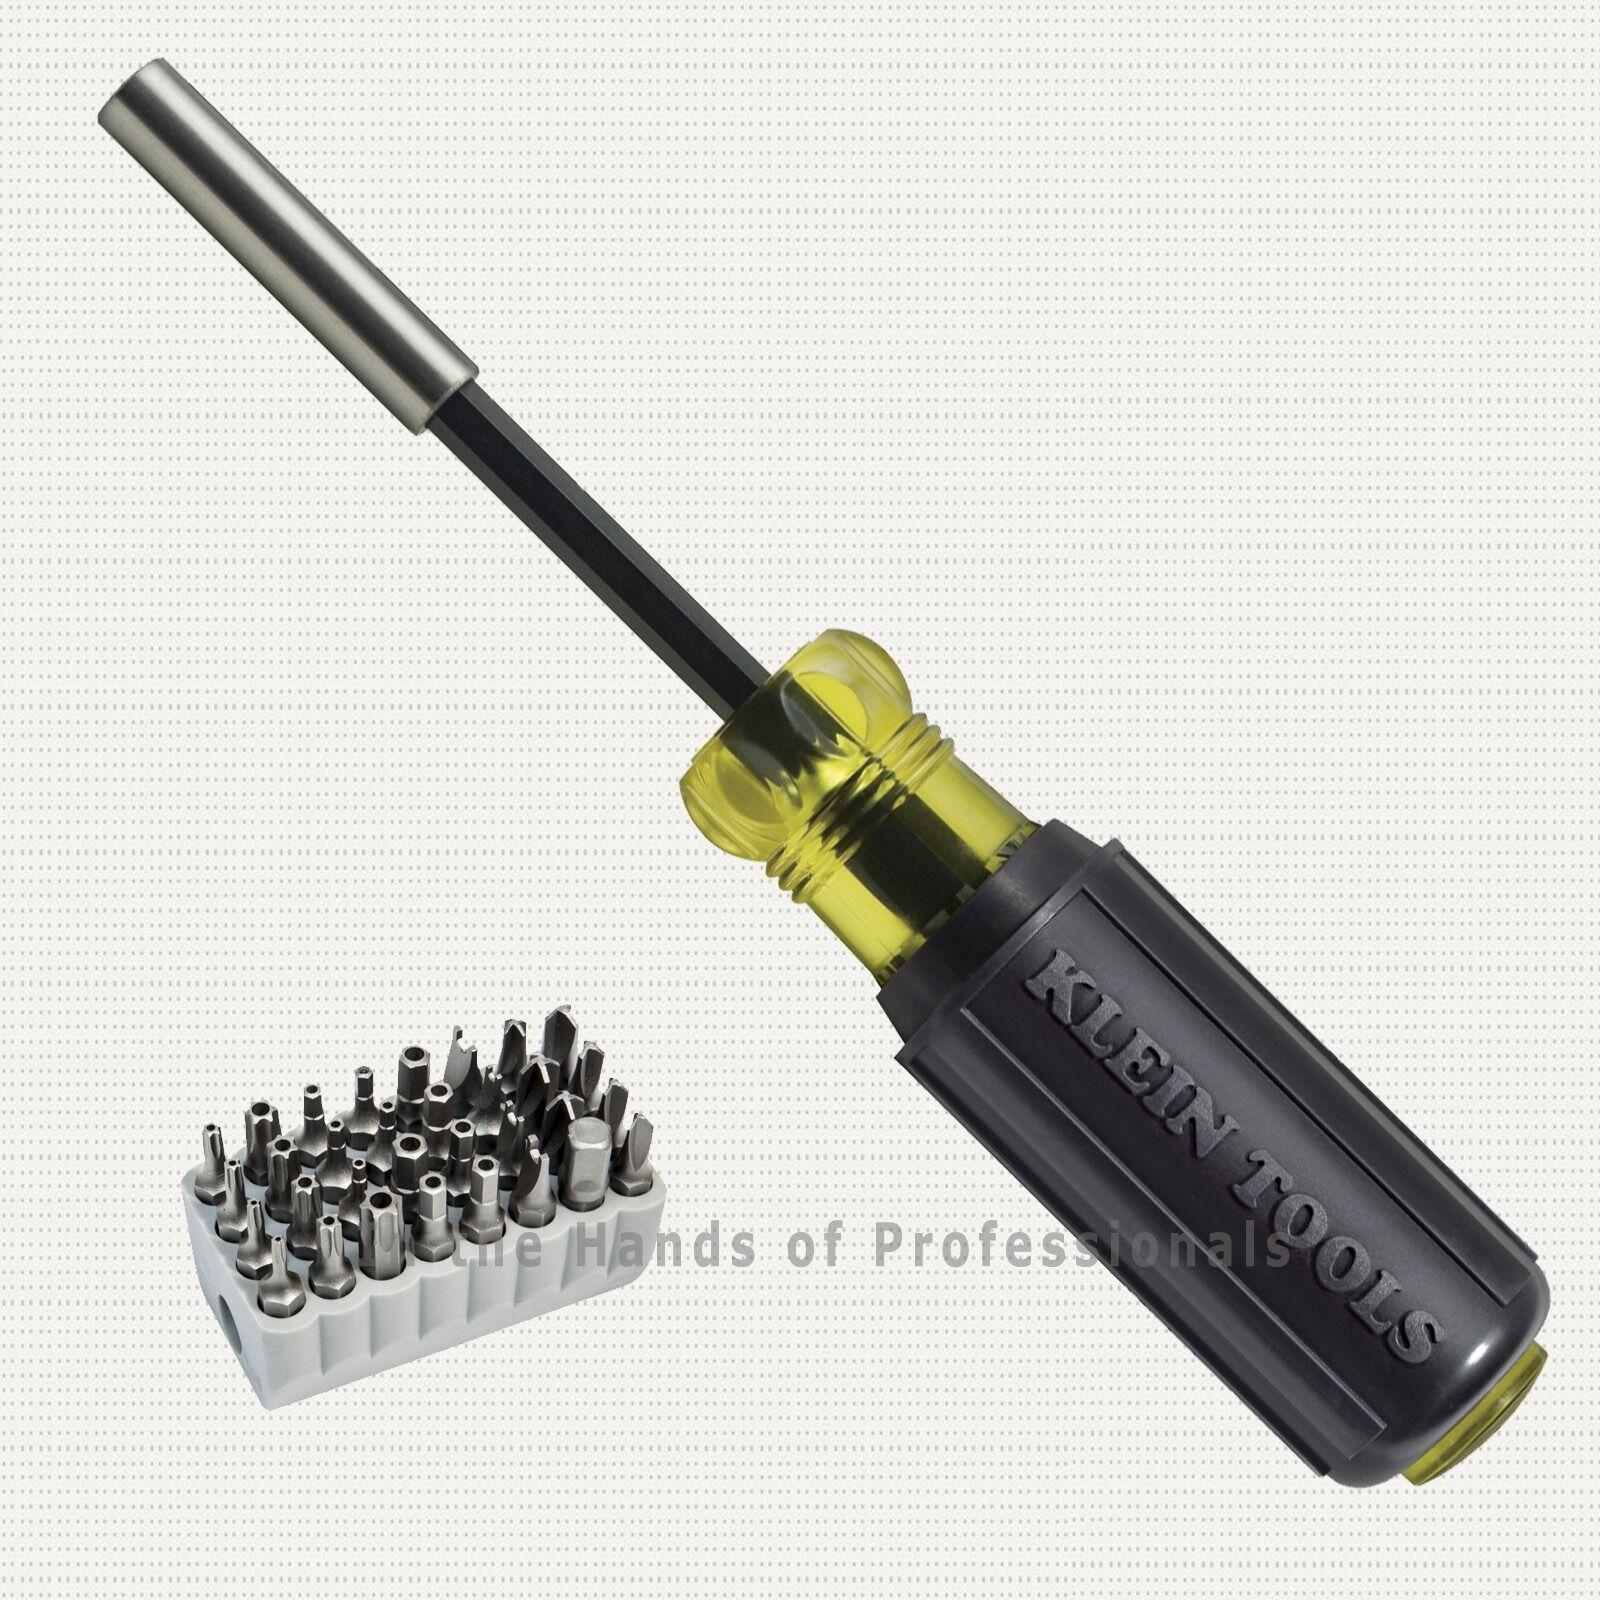 klein tools 32510 1 4 magnetic screwdriver w cushion grip tamperproof 33pc set ebay. Black Bedroom Furniture Sets. Home Design Ideas